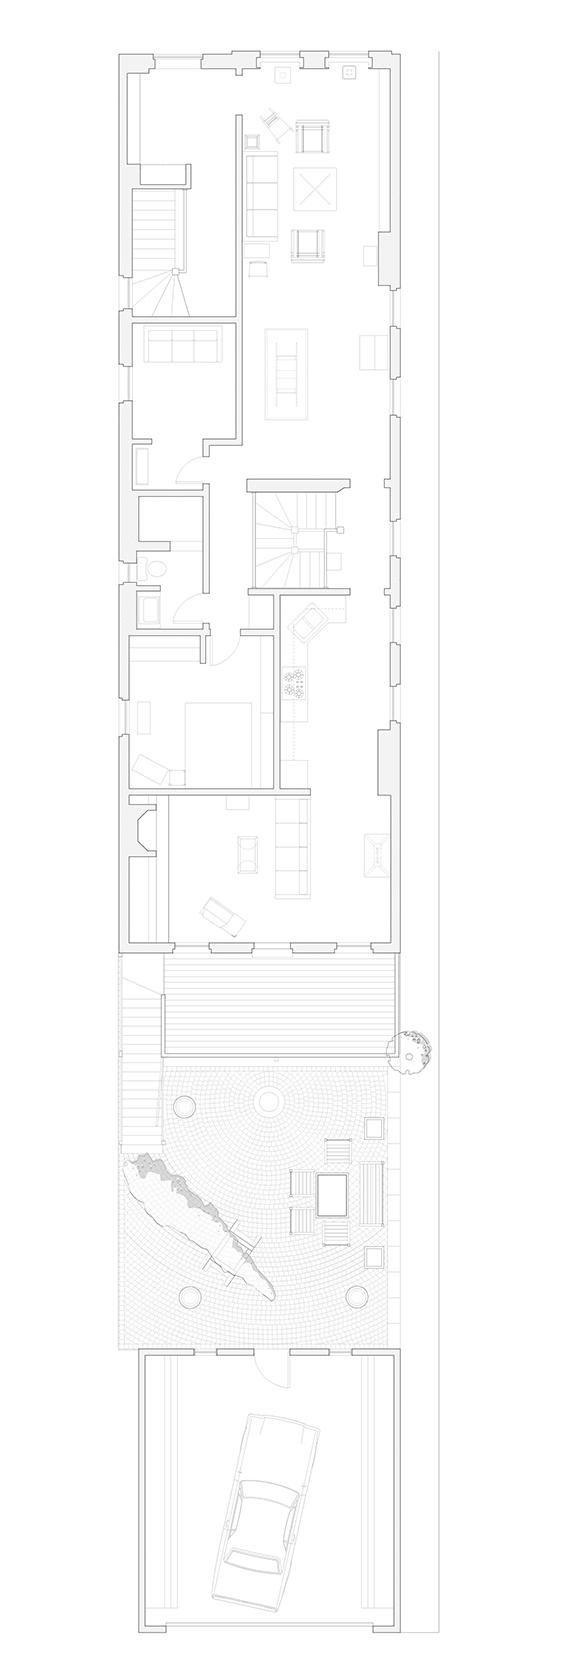 Floor Plan_Rooms+Zones.ai